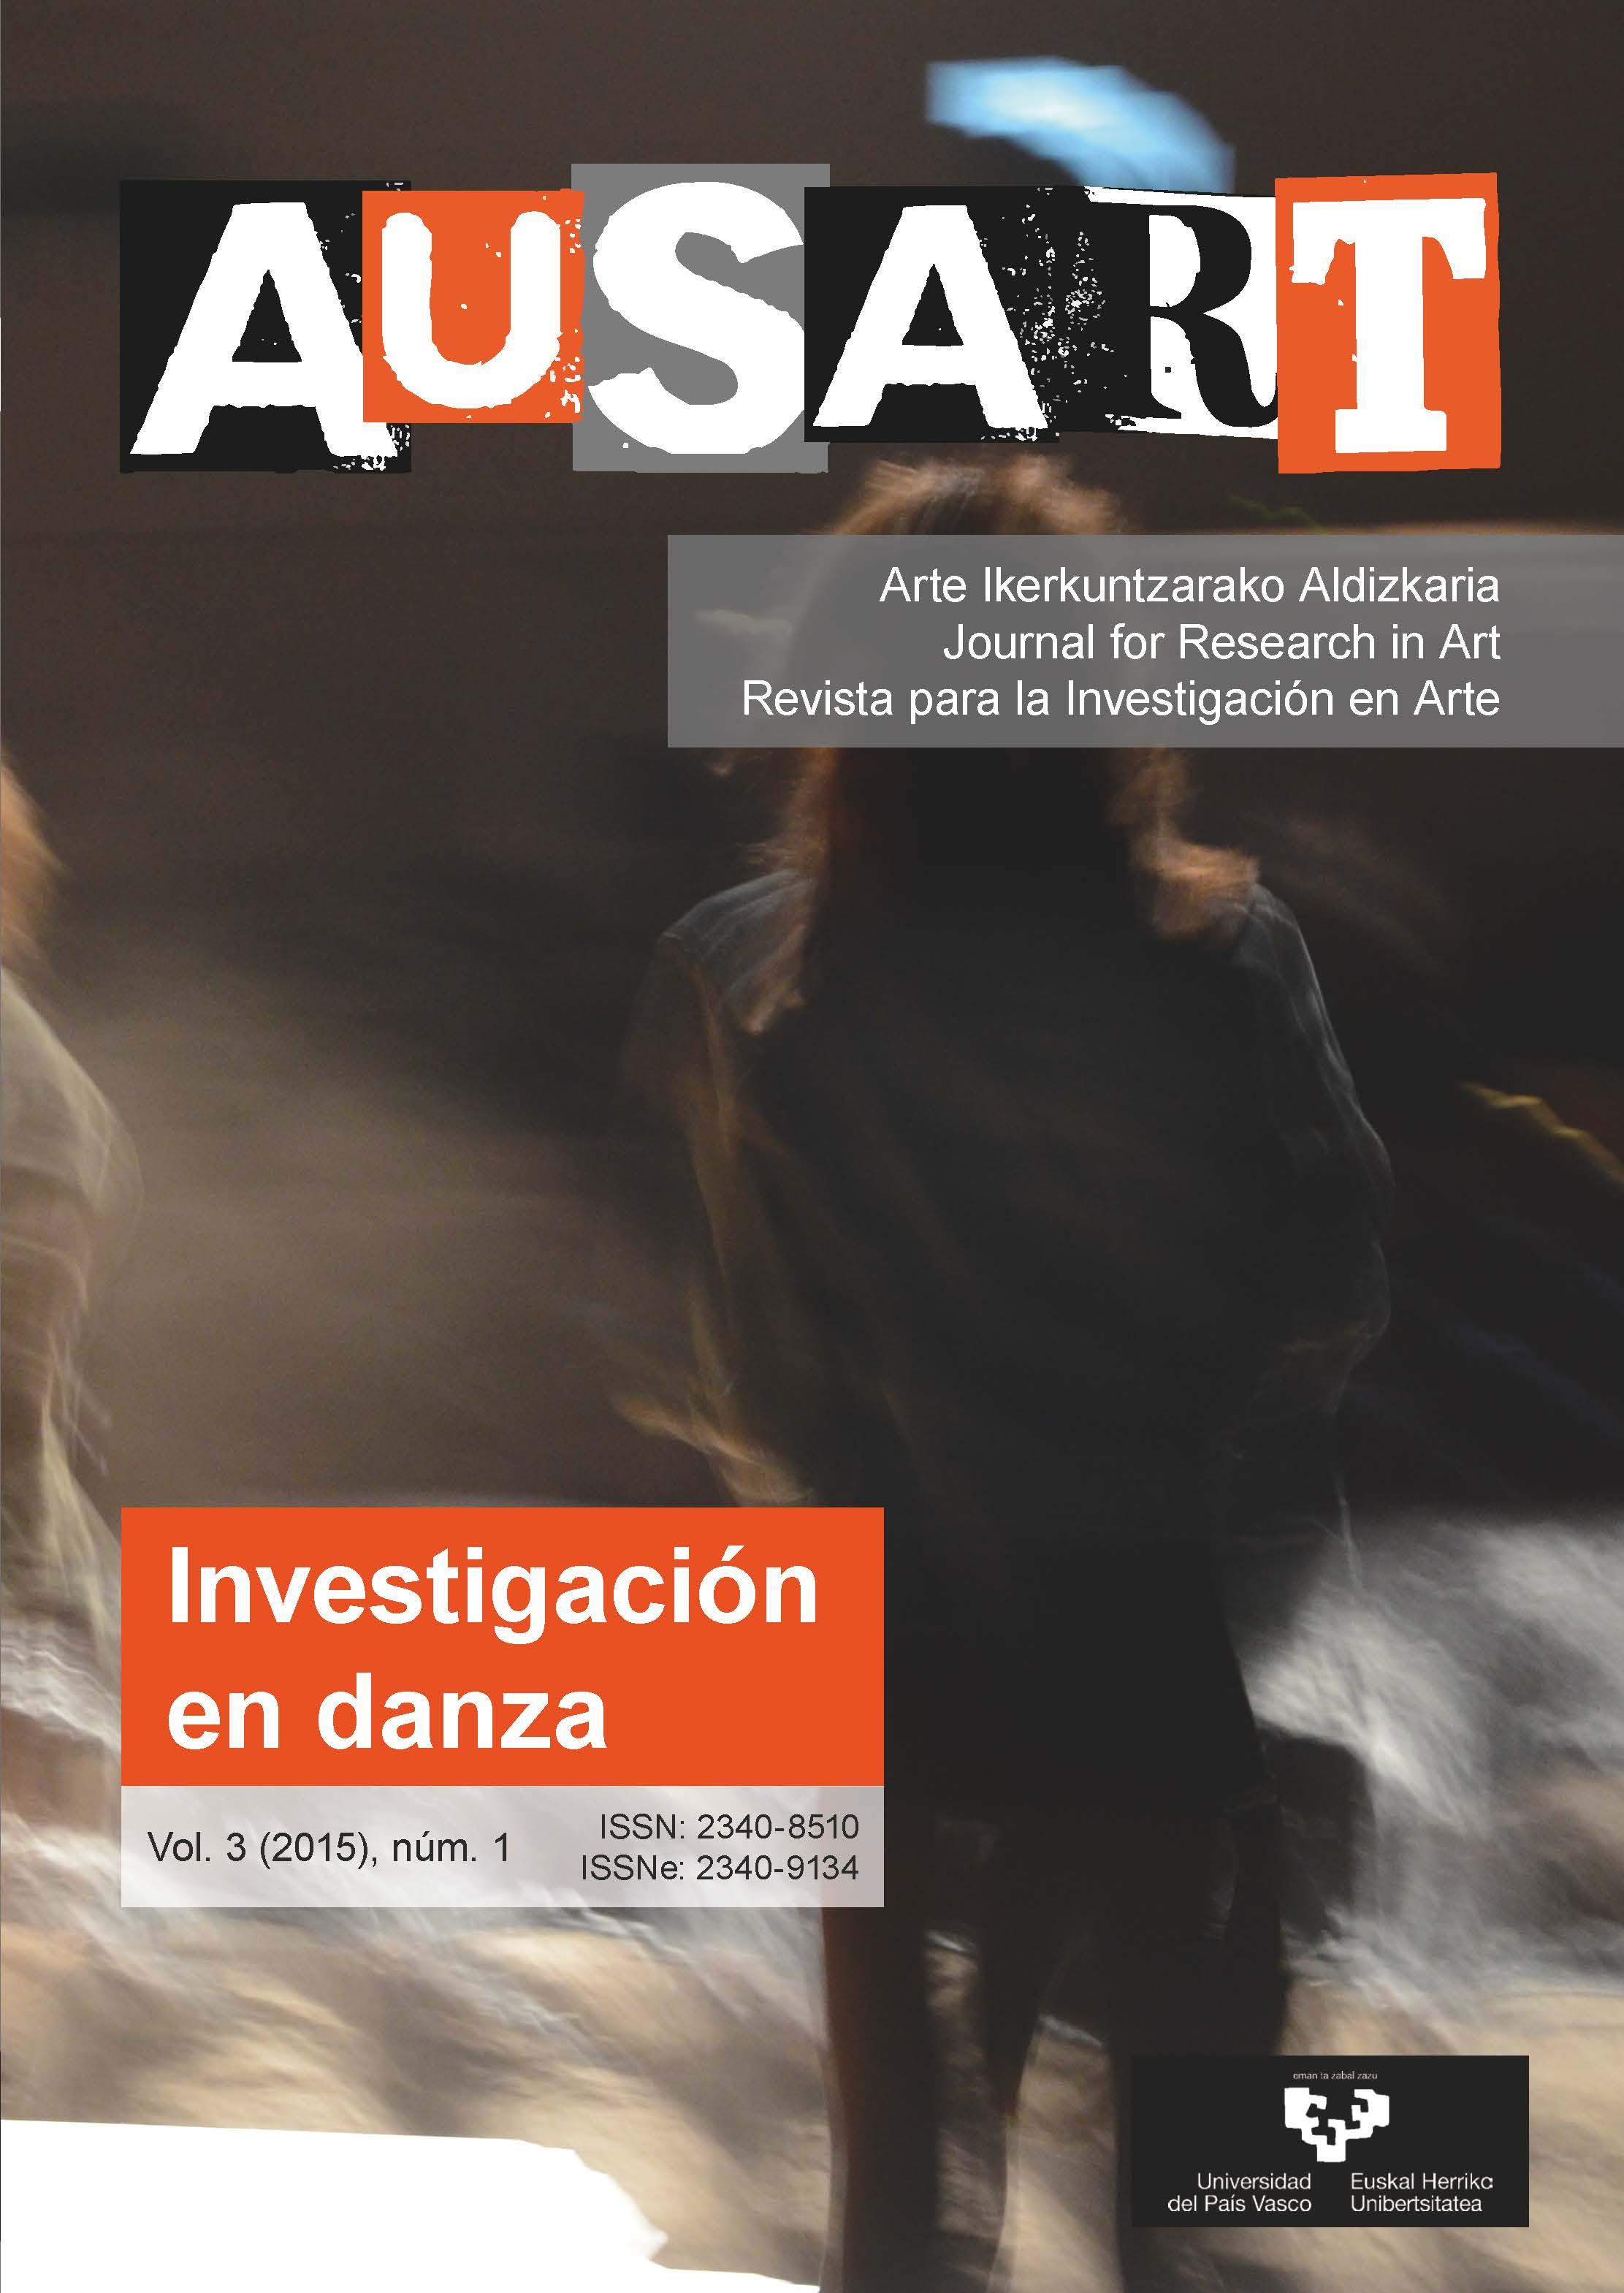 Portada AusArt vol. 3, número 1 (2015)